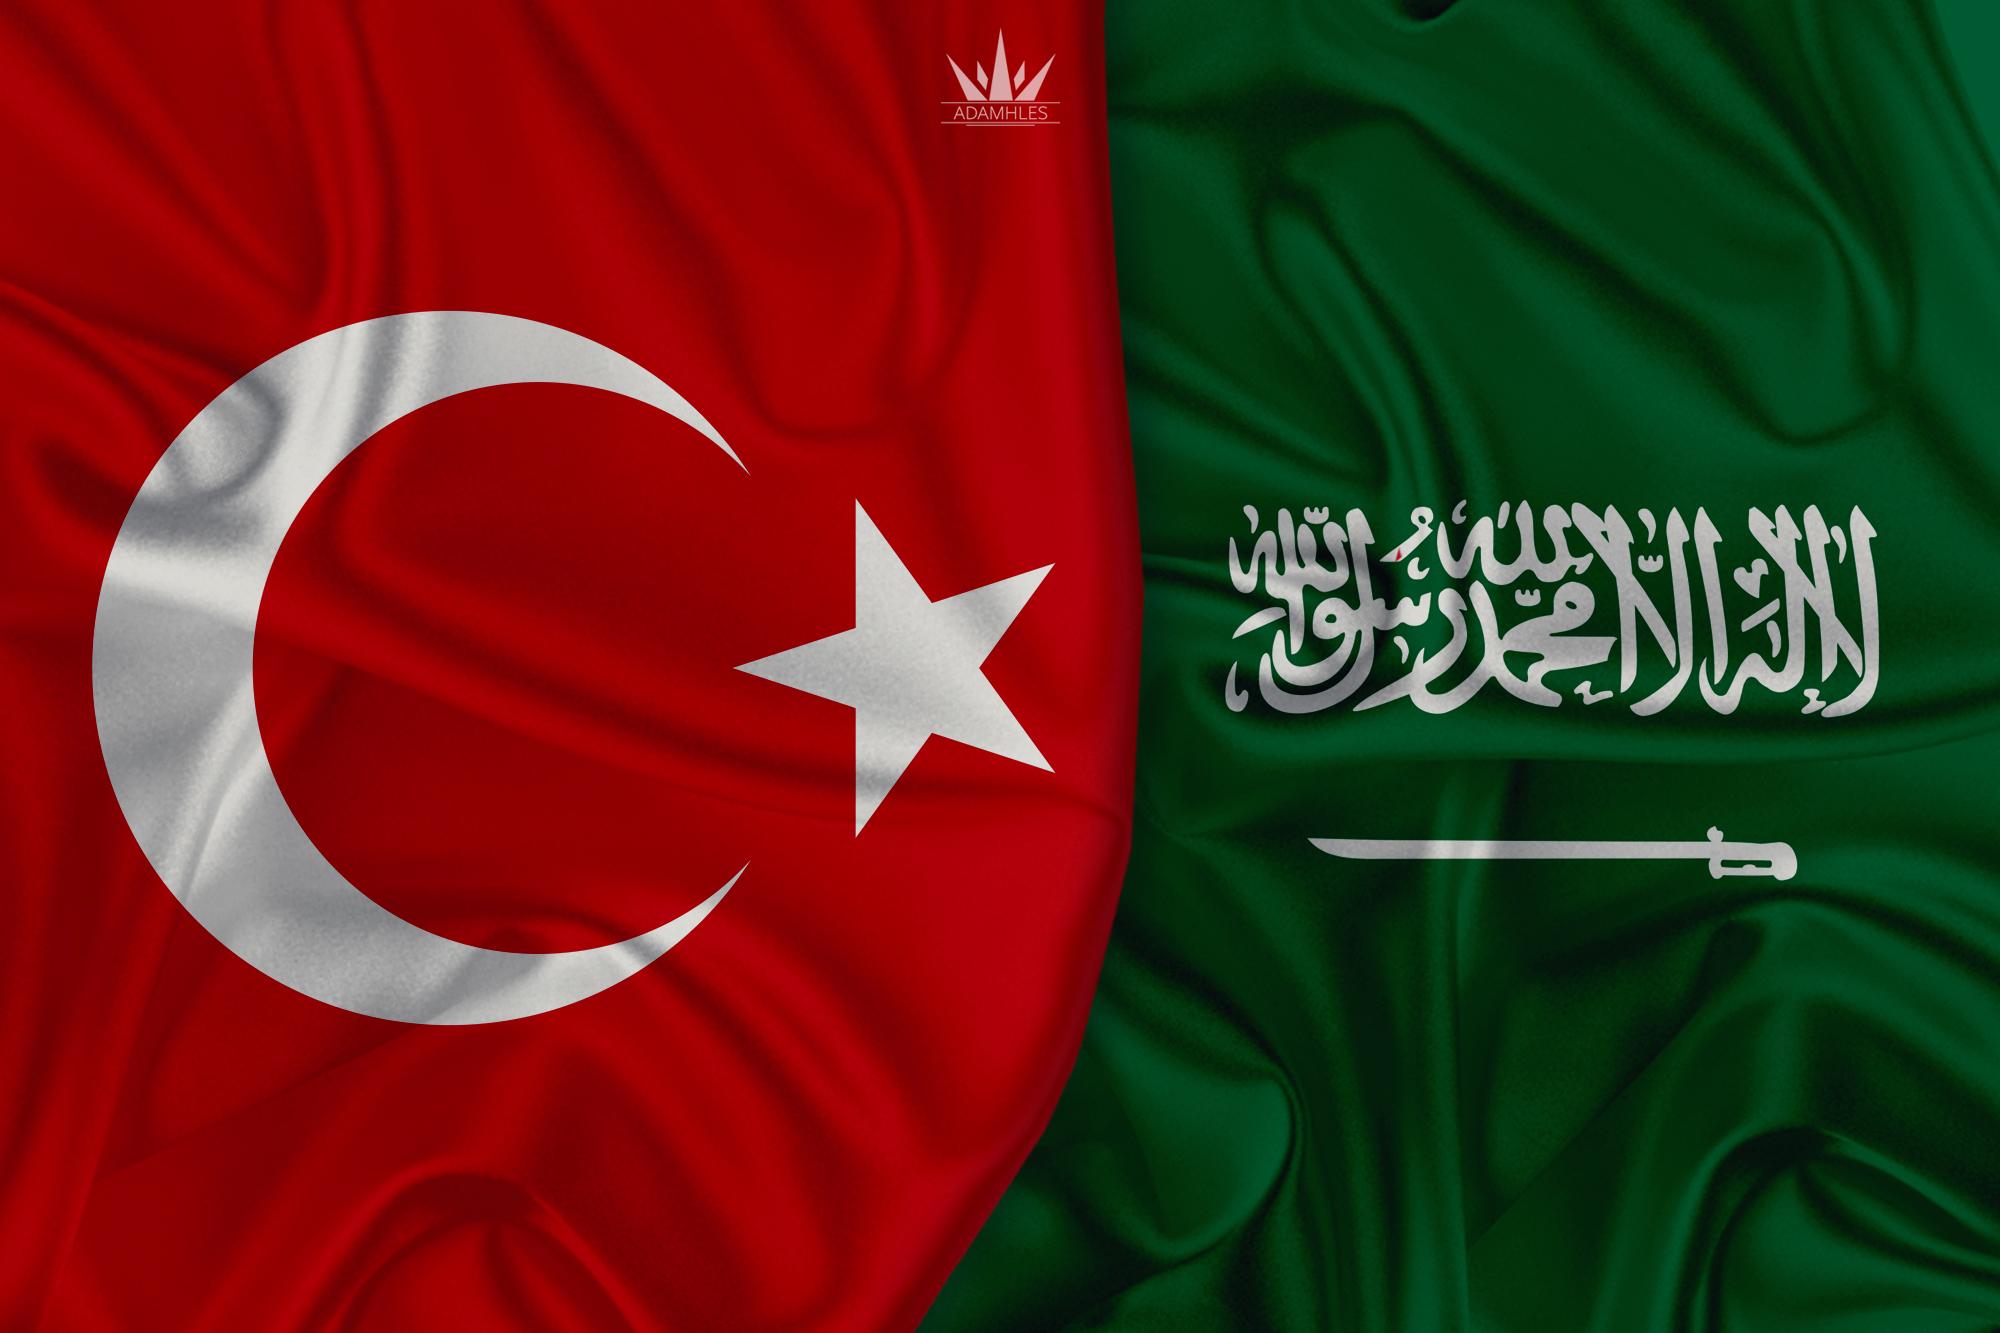 خلفية علم السعودية وتركيا اجمل خلفيات العلم السعودي والعلم التركي Turkey and Saudi Arabia